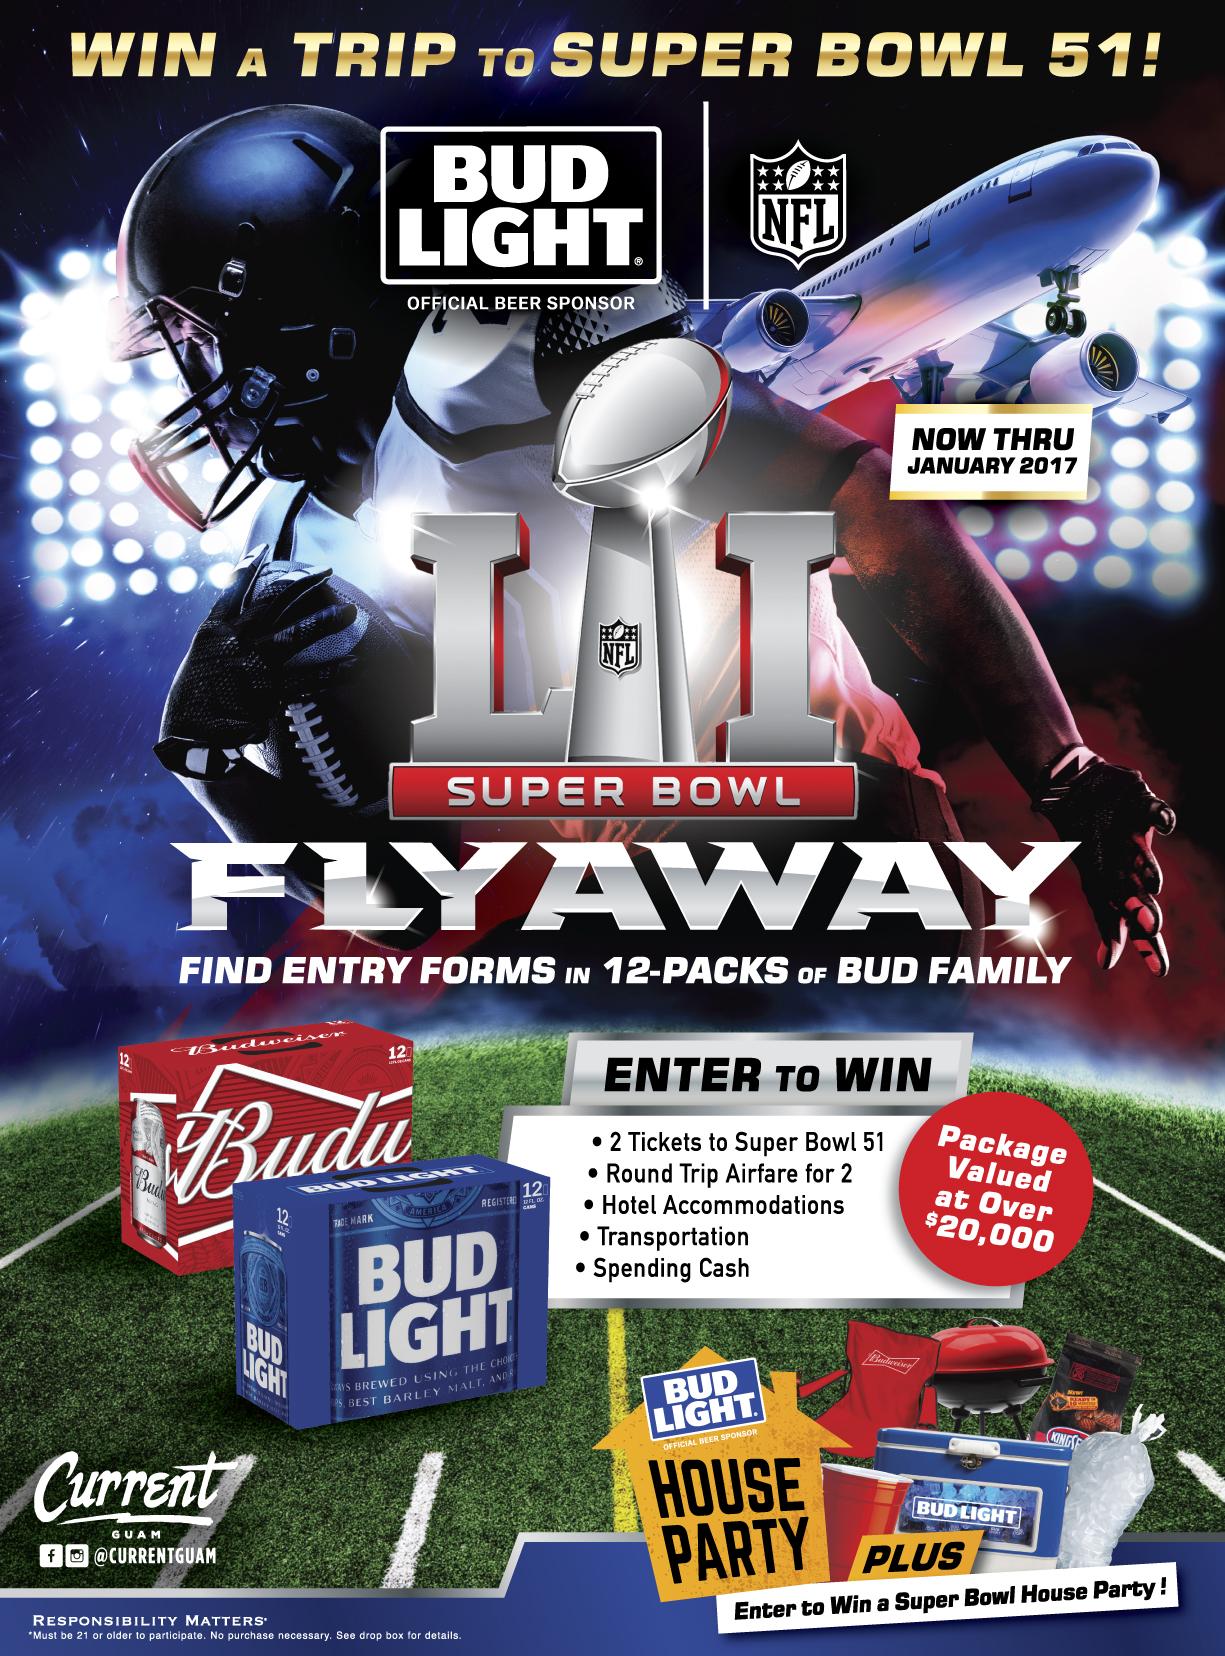 Bud Light Super Bowl 51 Flyaway